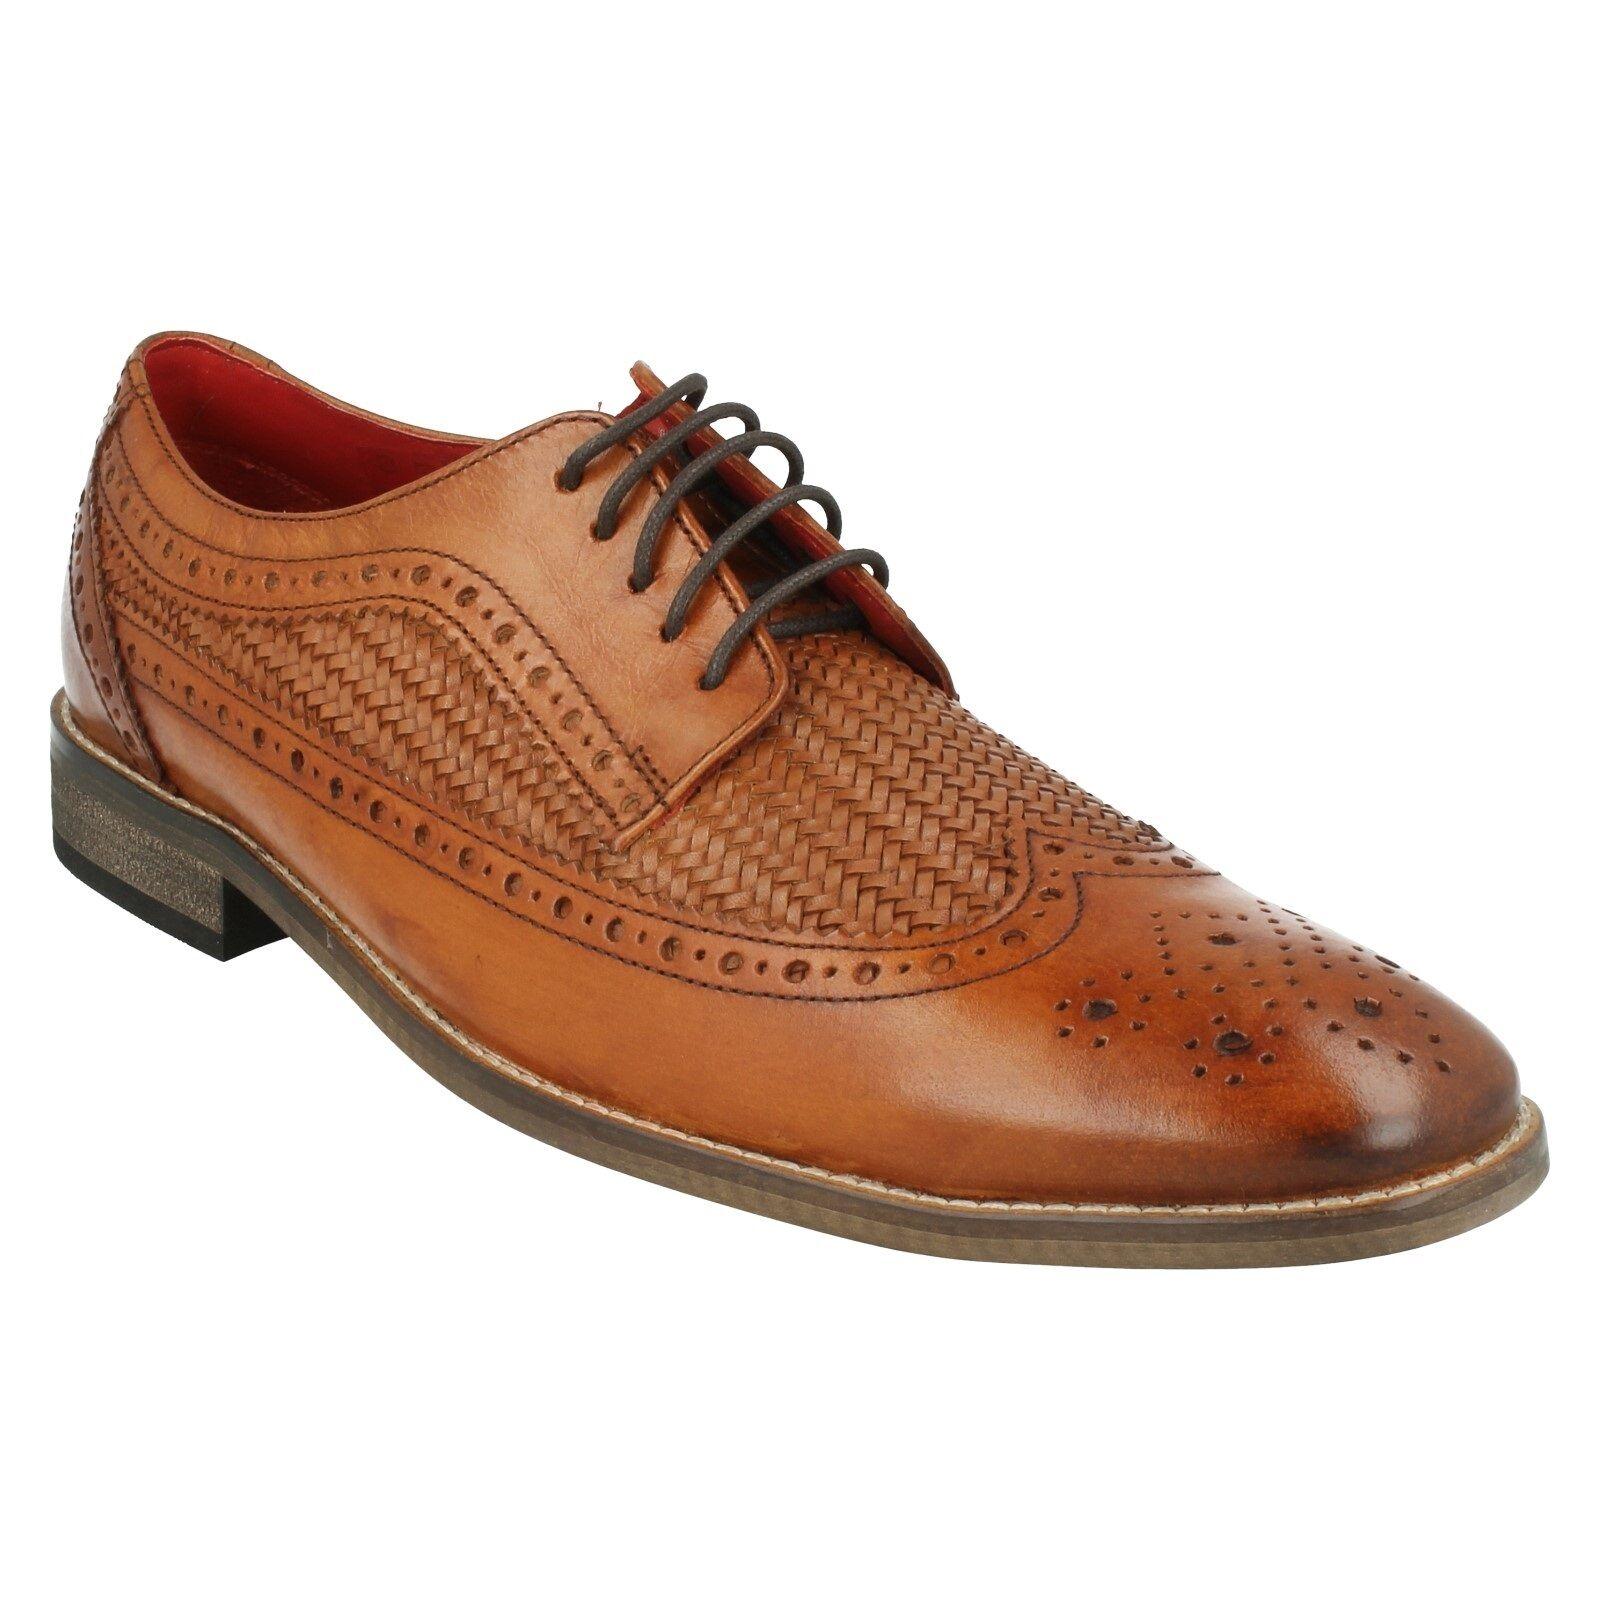 Da Uomo Base Durham Stringati LONDON Tan in cuoio intrecciate Formale Ufficio brogues shoes